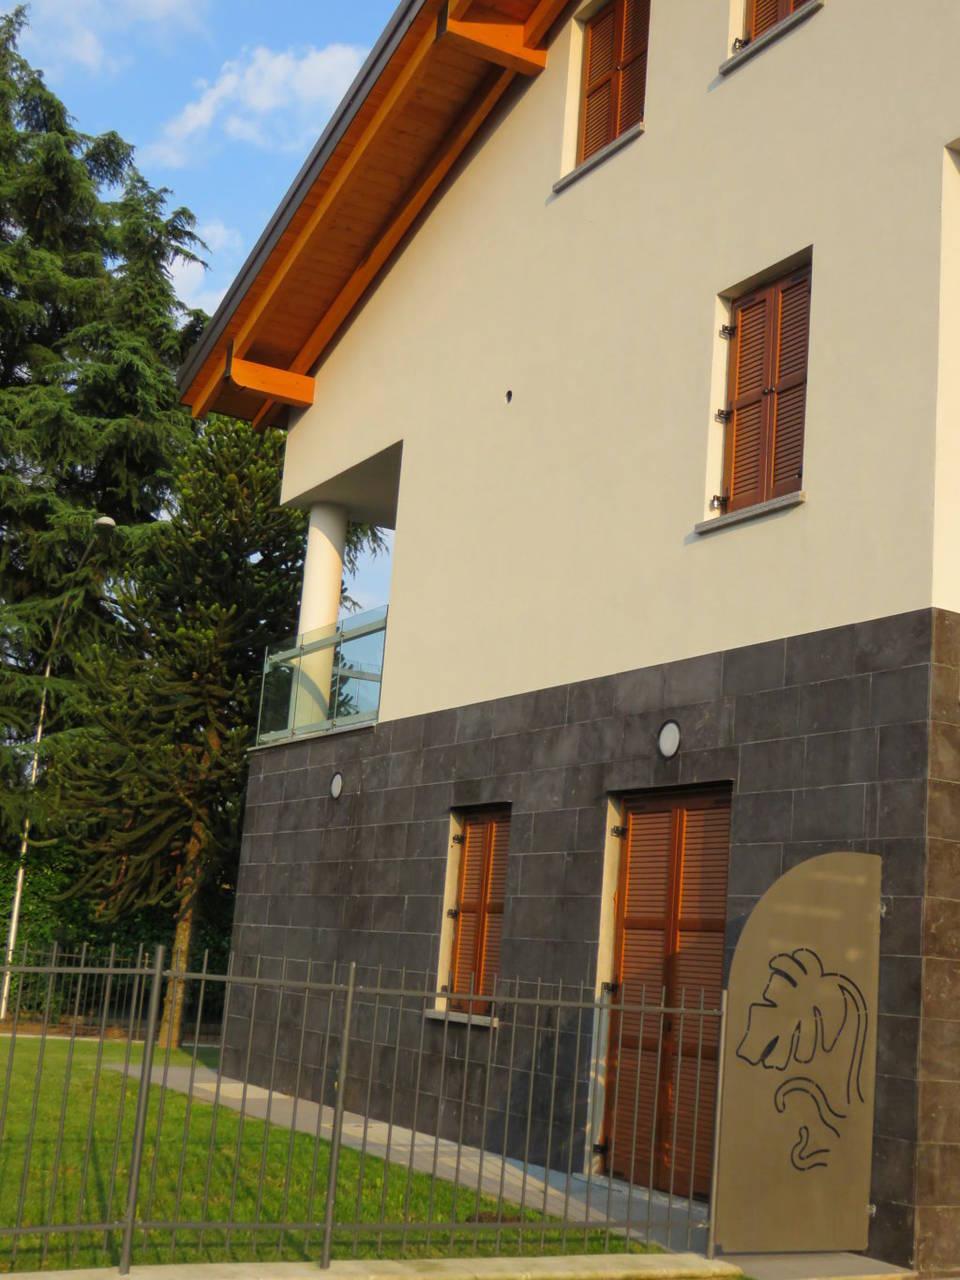 Case-nuove-in-vendita-in-Burago-di-Molgora-Monza-Brianza-14